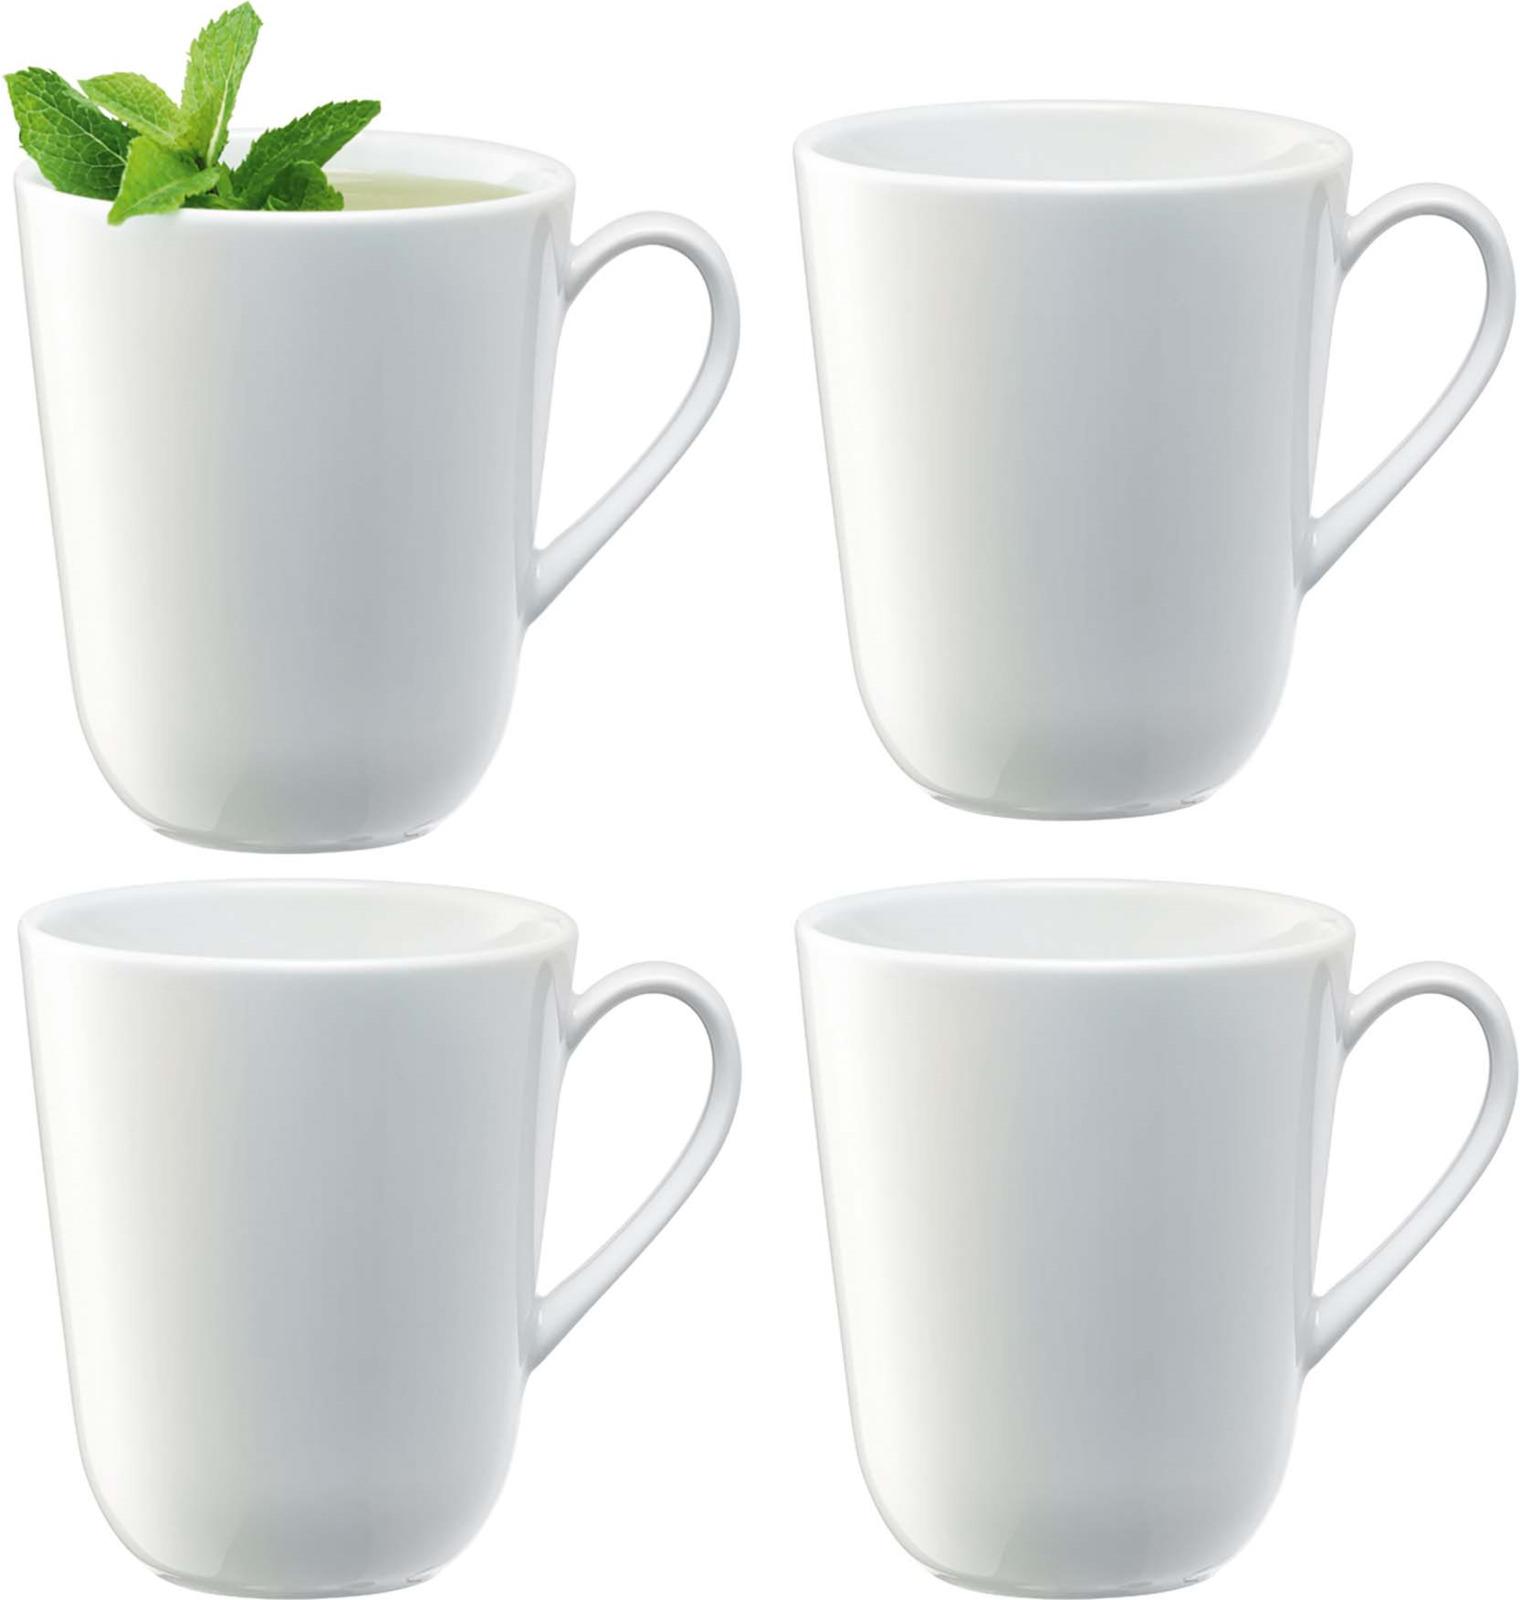 Набор чашек LSA Dine, 380 мл, 4 шт сахарница lsa dine цвет белый